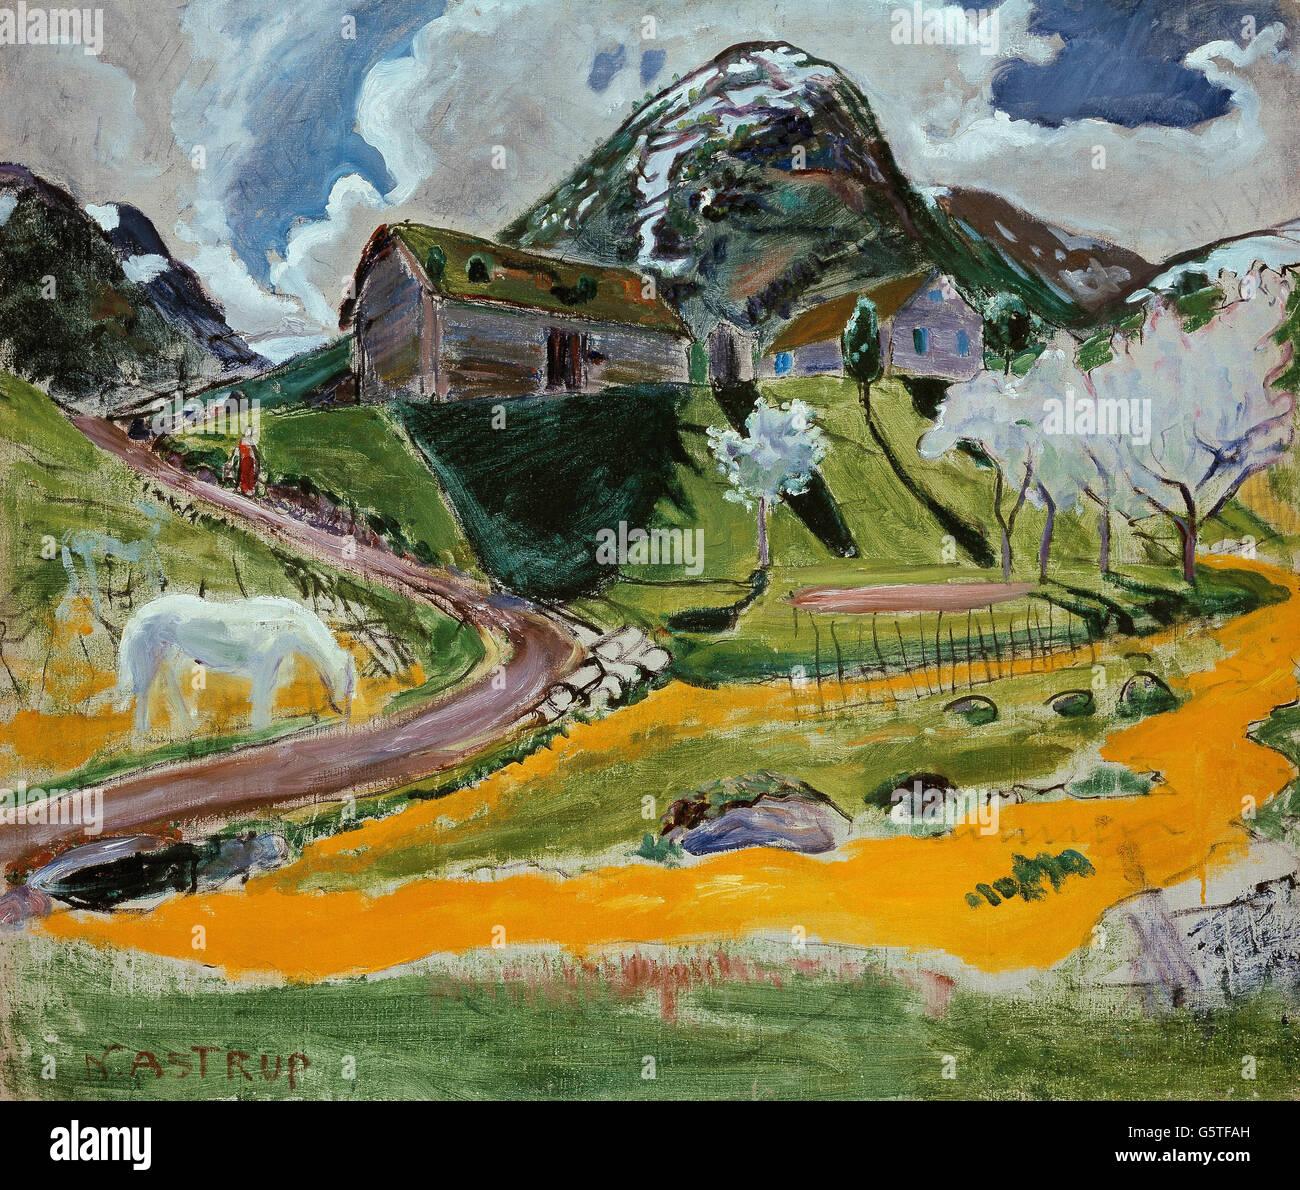 Nikolai Astrup - The white Horse in Spring - Stock Image